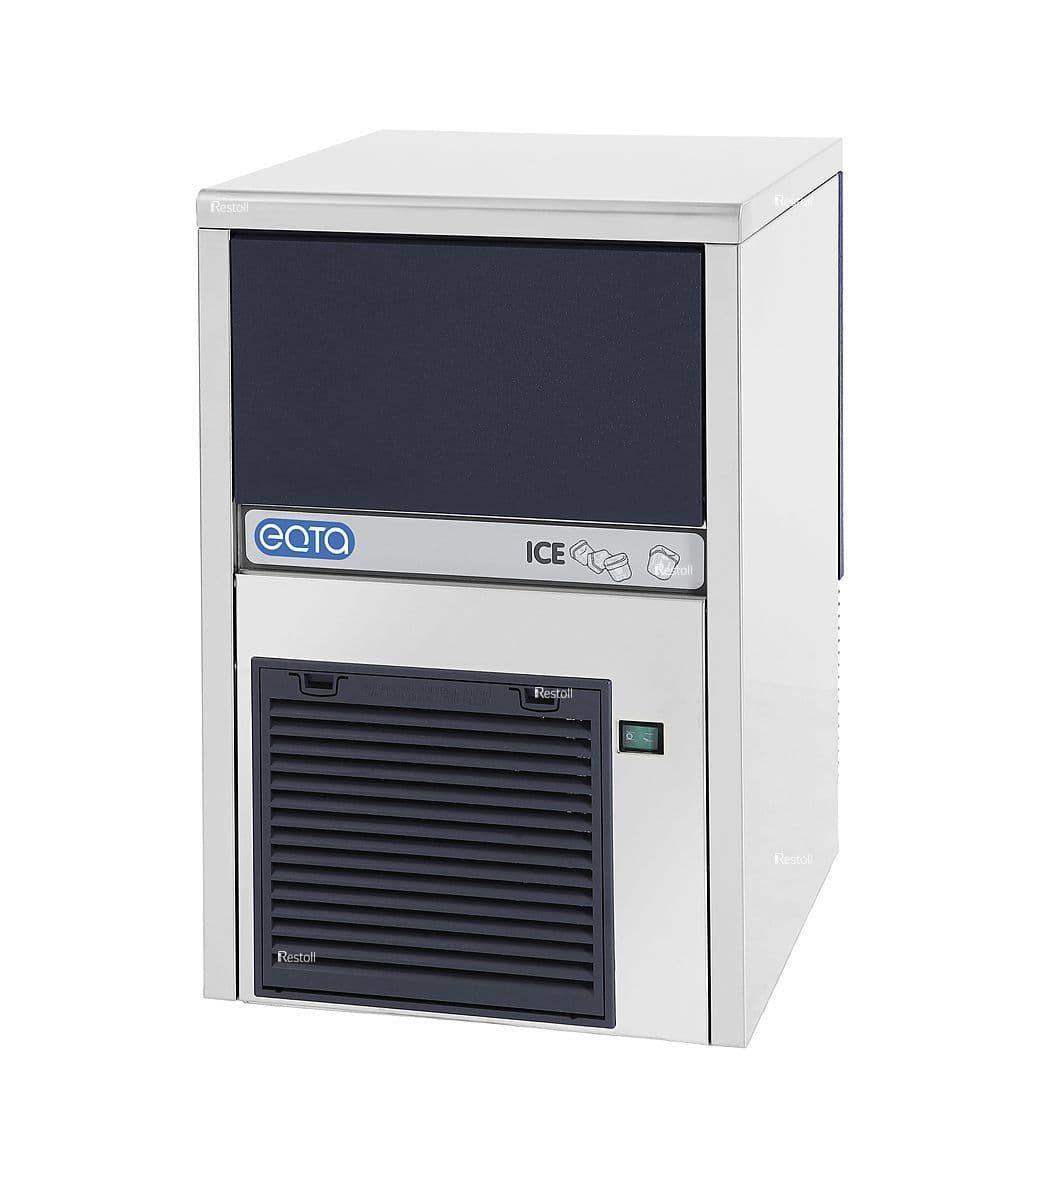 Льдогенератор Eqta ECM 246W